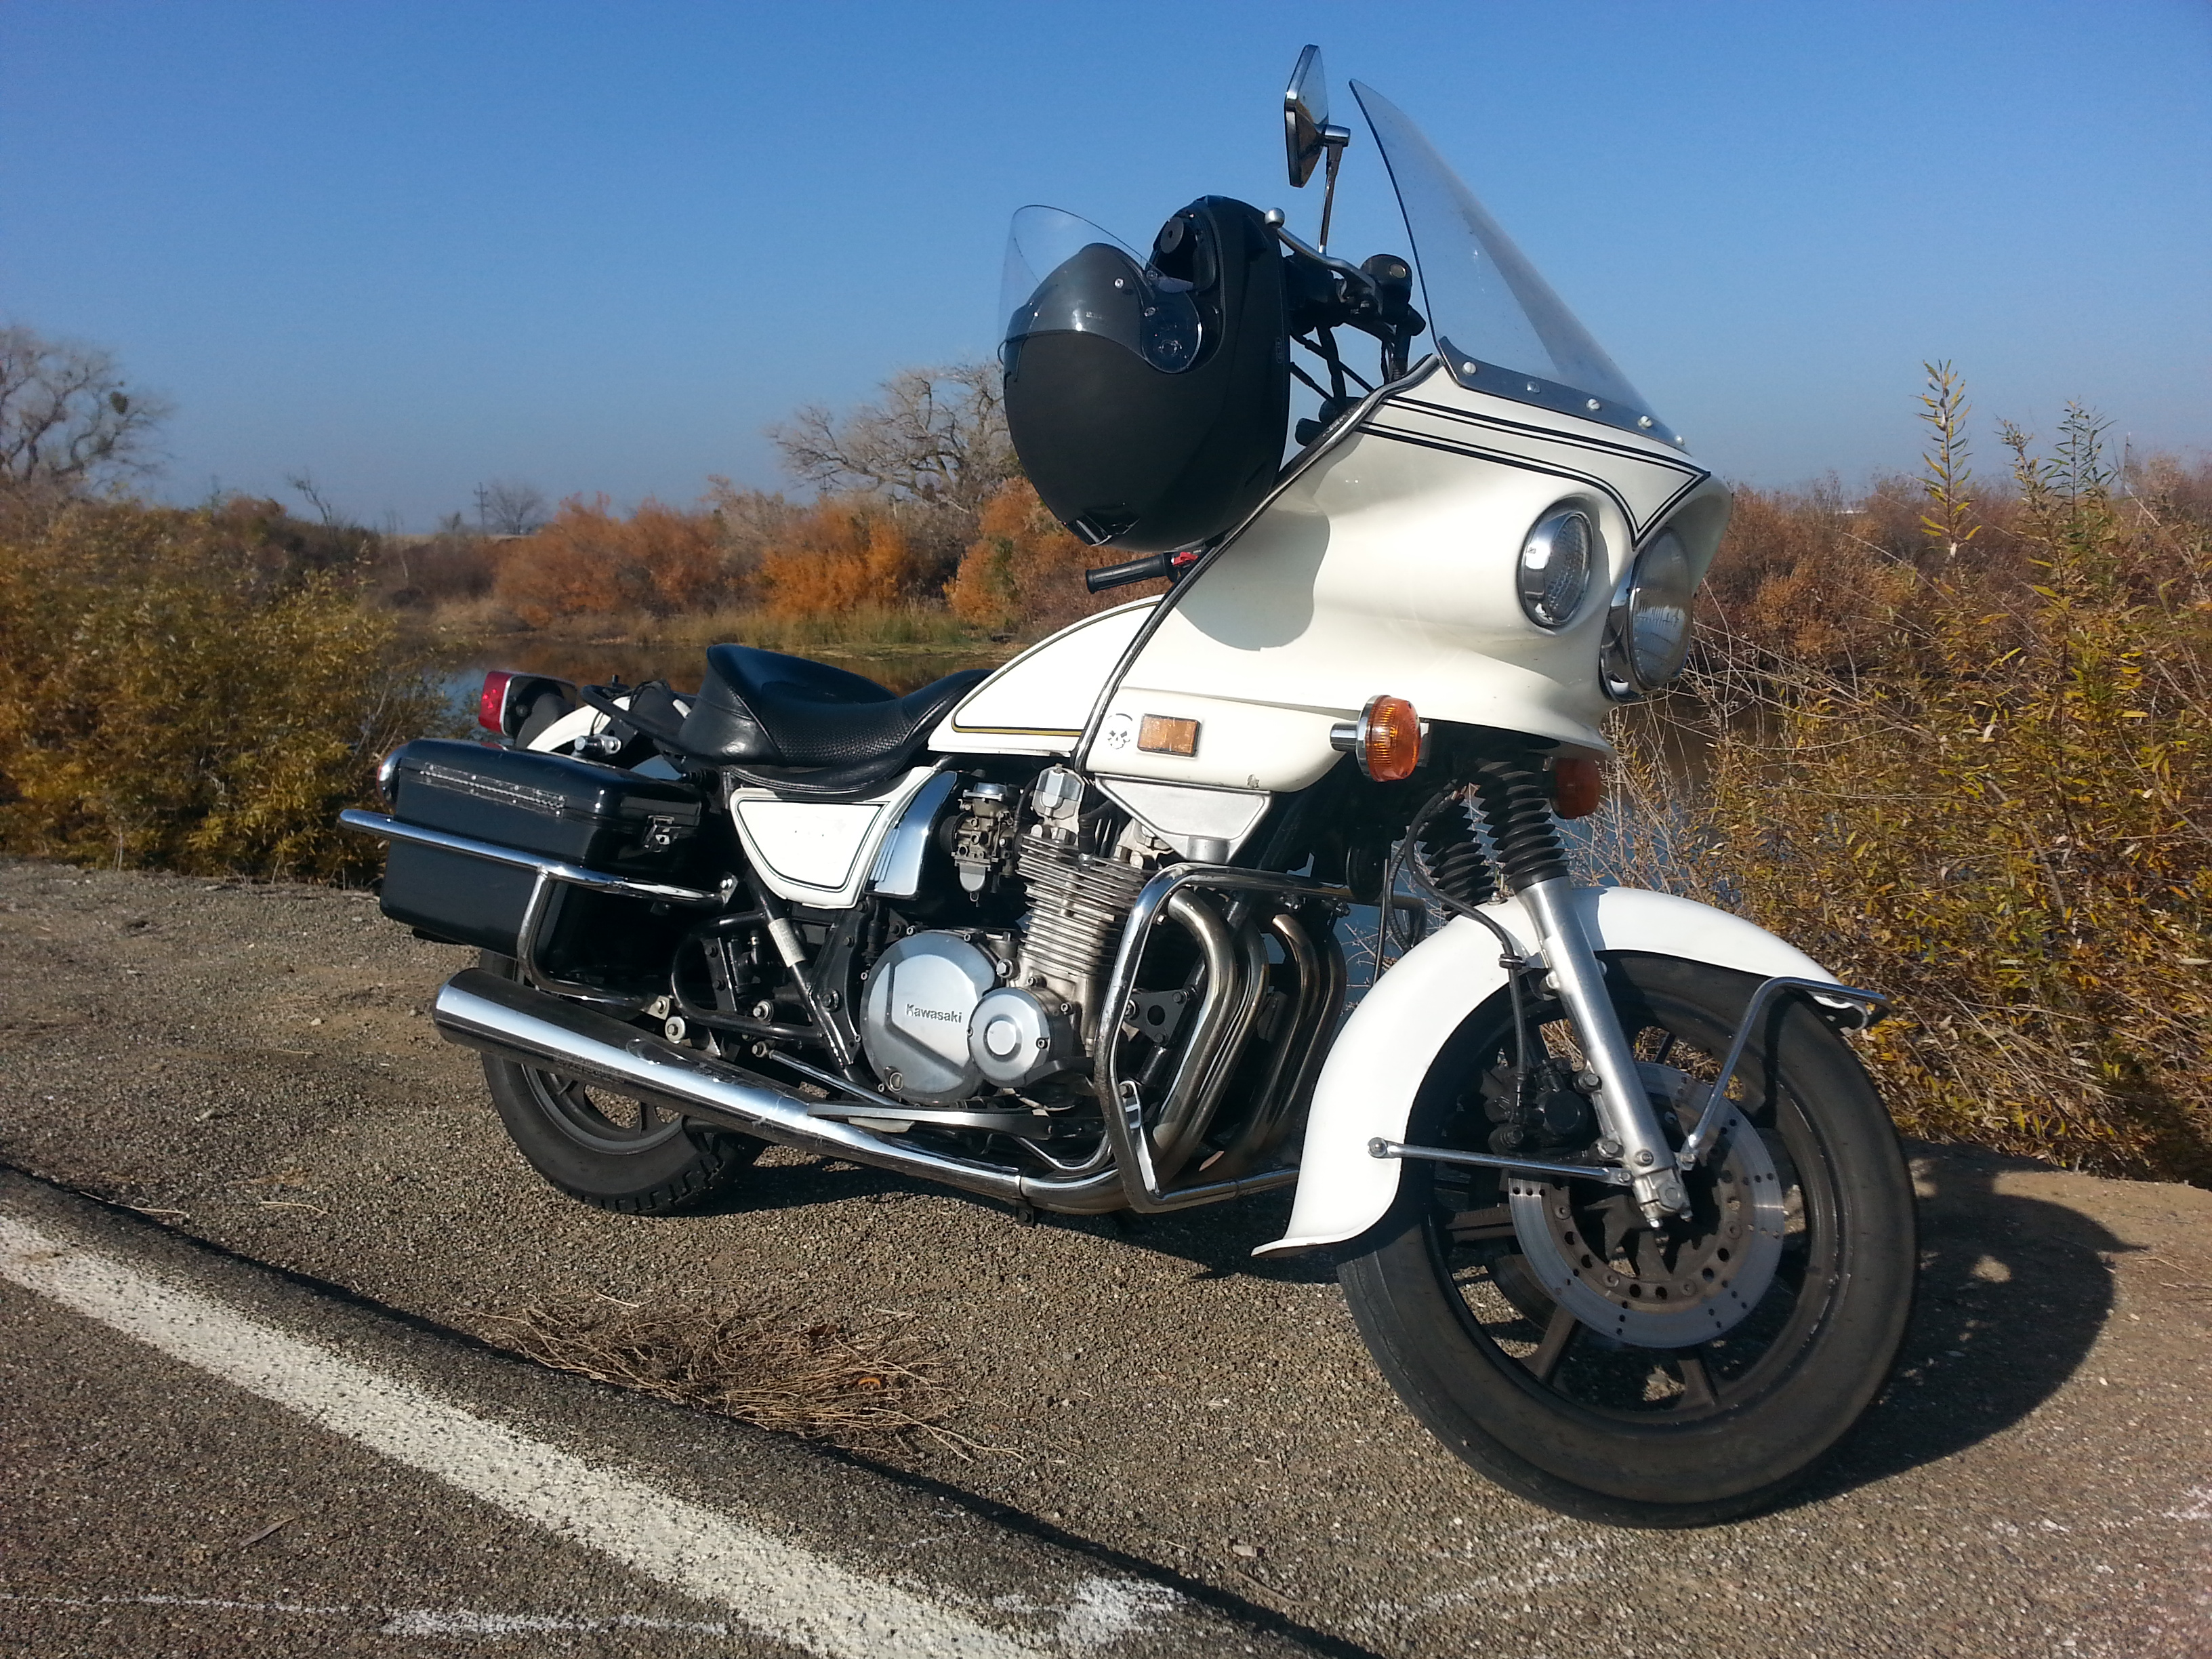 KawasakiPoliceMotorcycle14